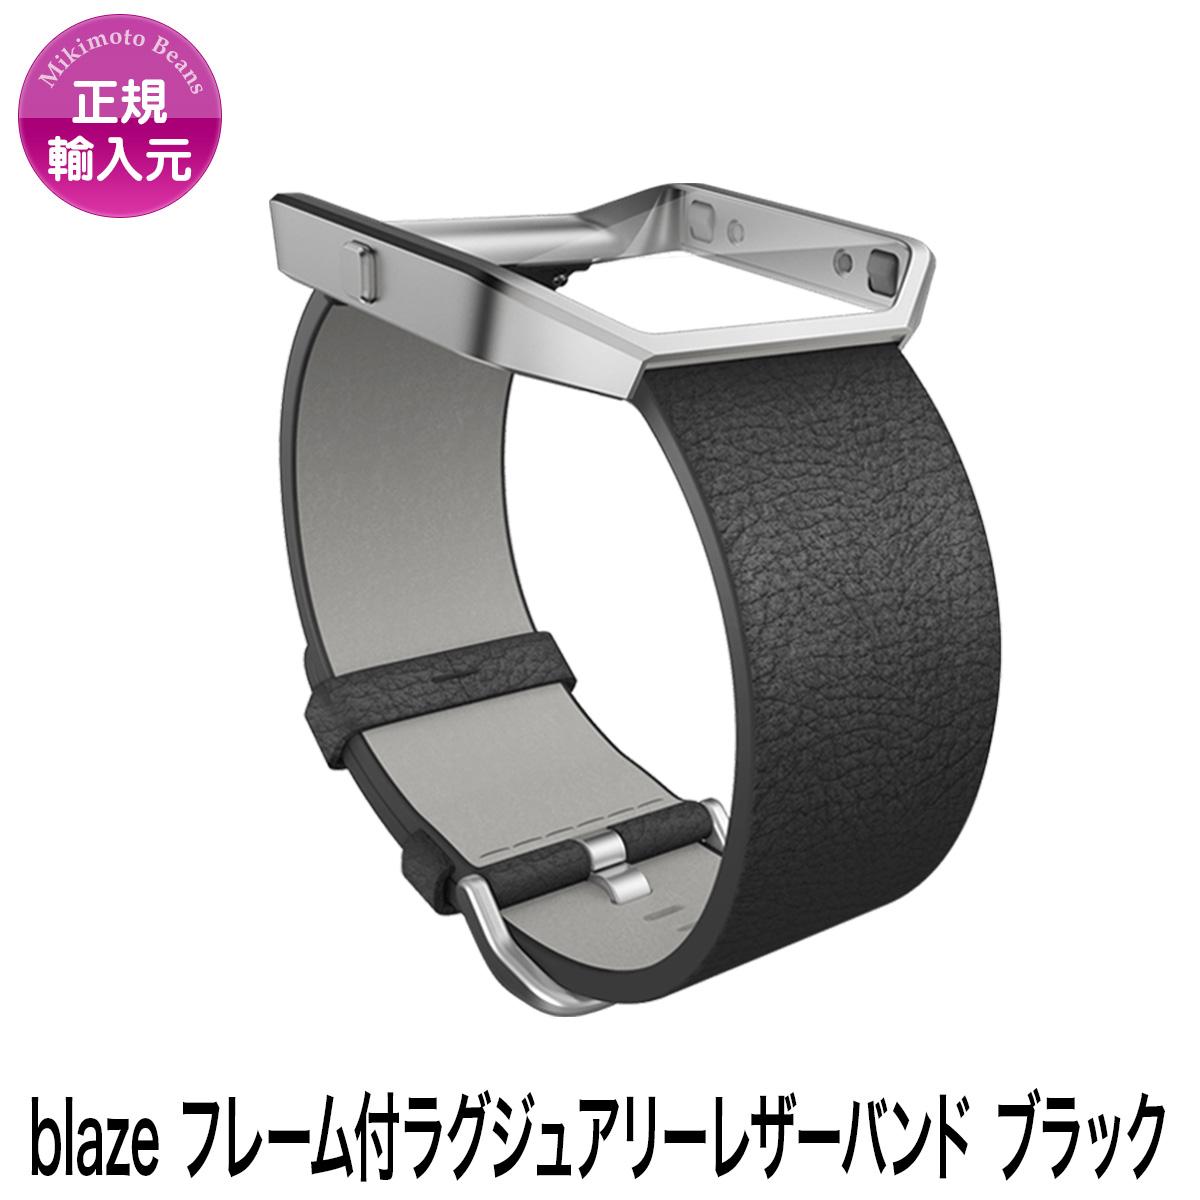 【FitbitBlazeアクセサリー】【フレーム付ラグジュアリーレザーバンド】【カラー:ブラック】【サイズ:S (140-170mm)/ L(170-206mm) 】トラッカーは含まれておりません。